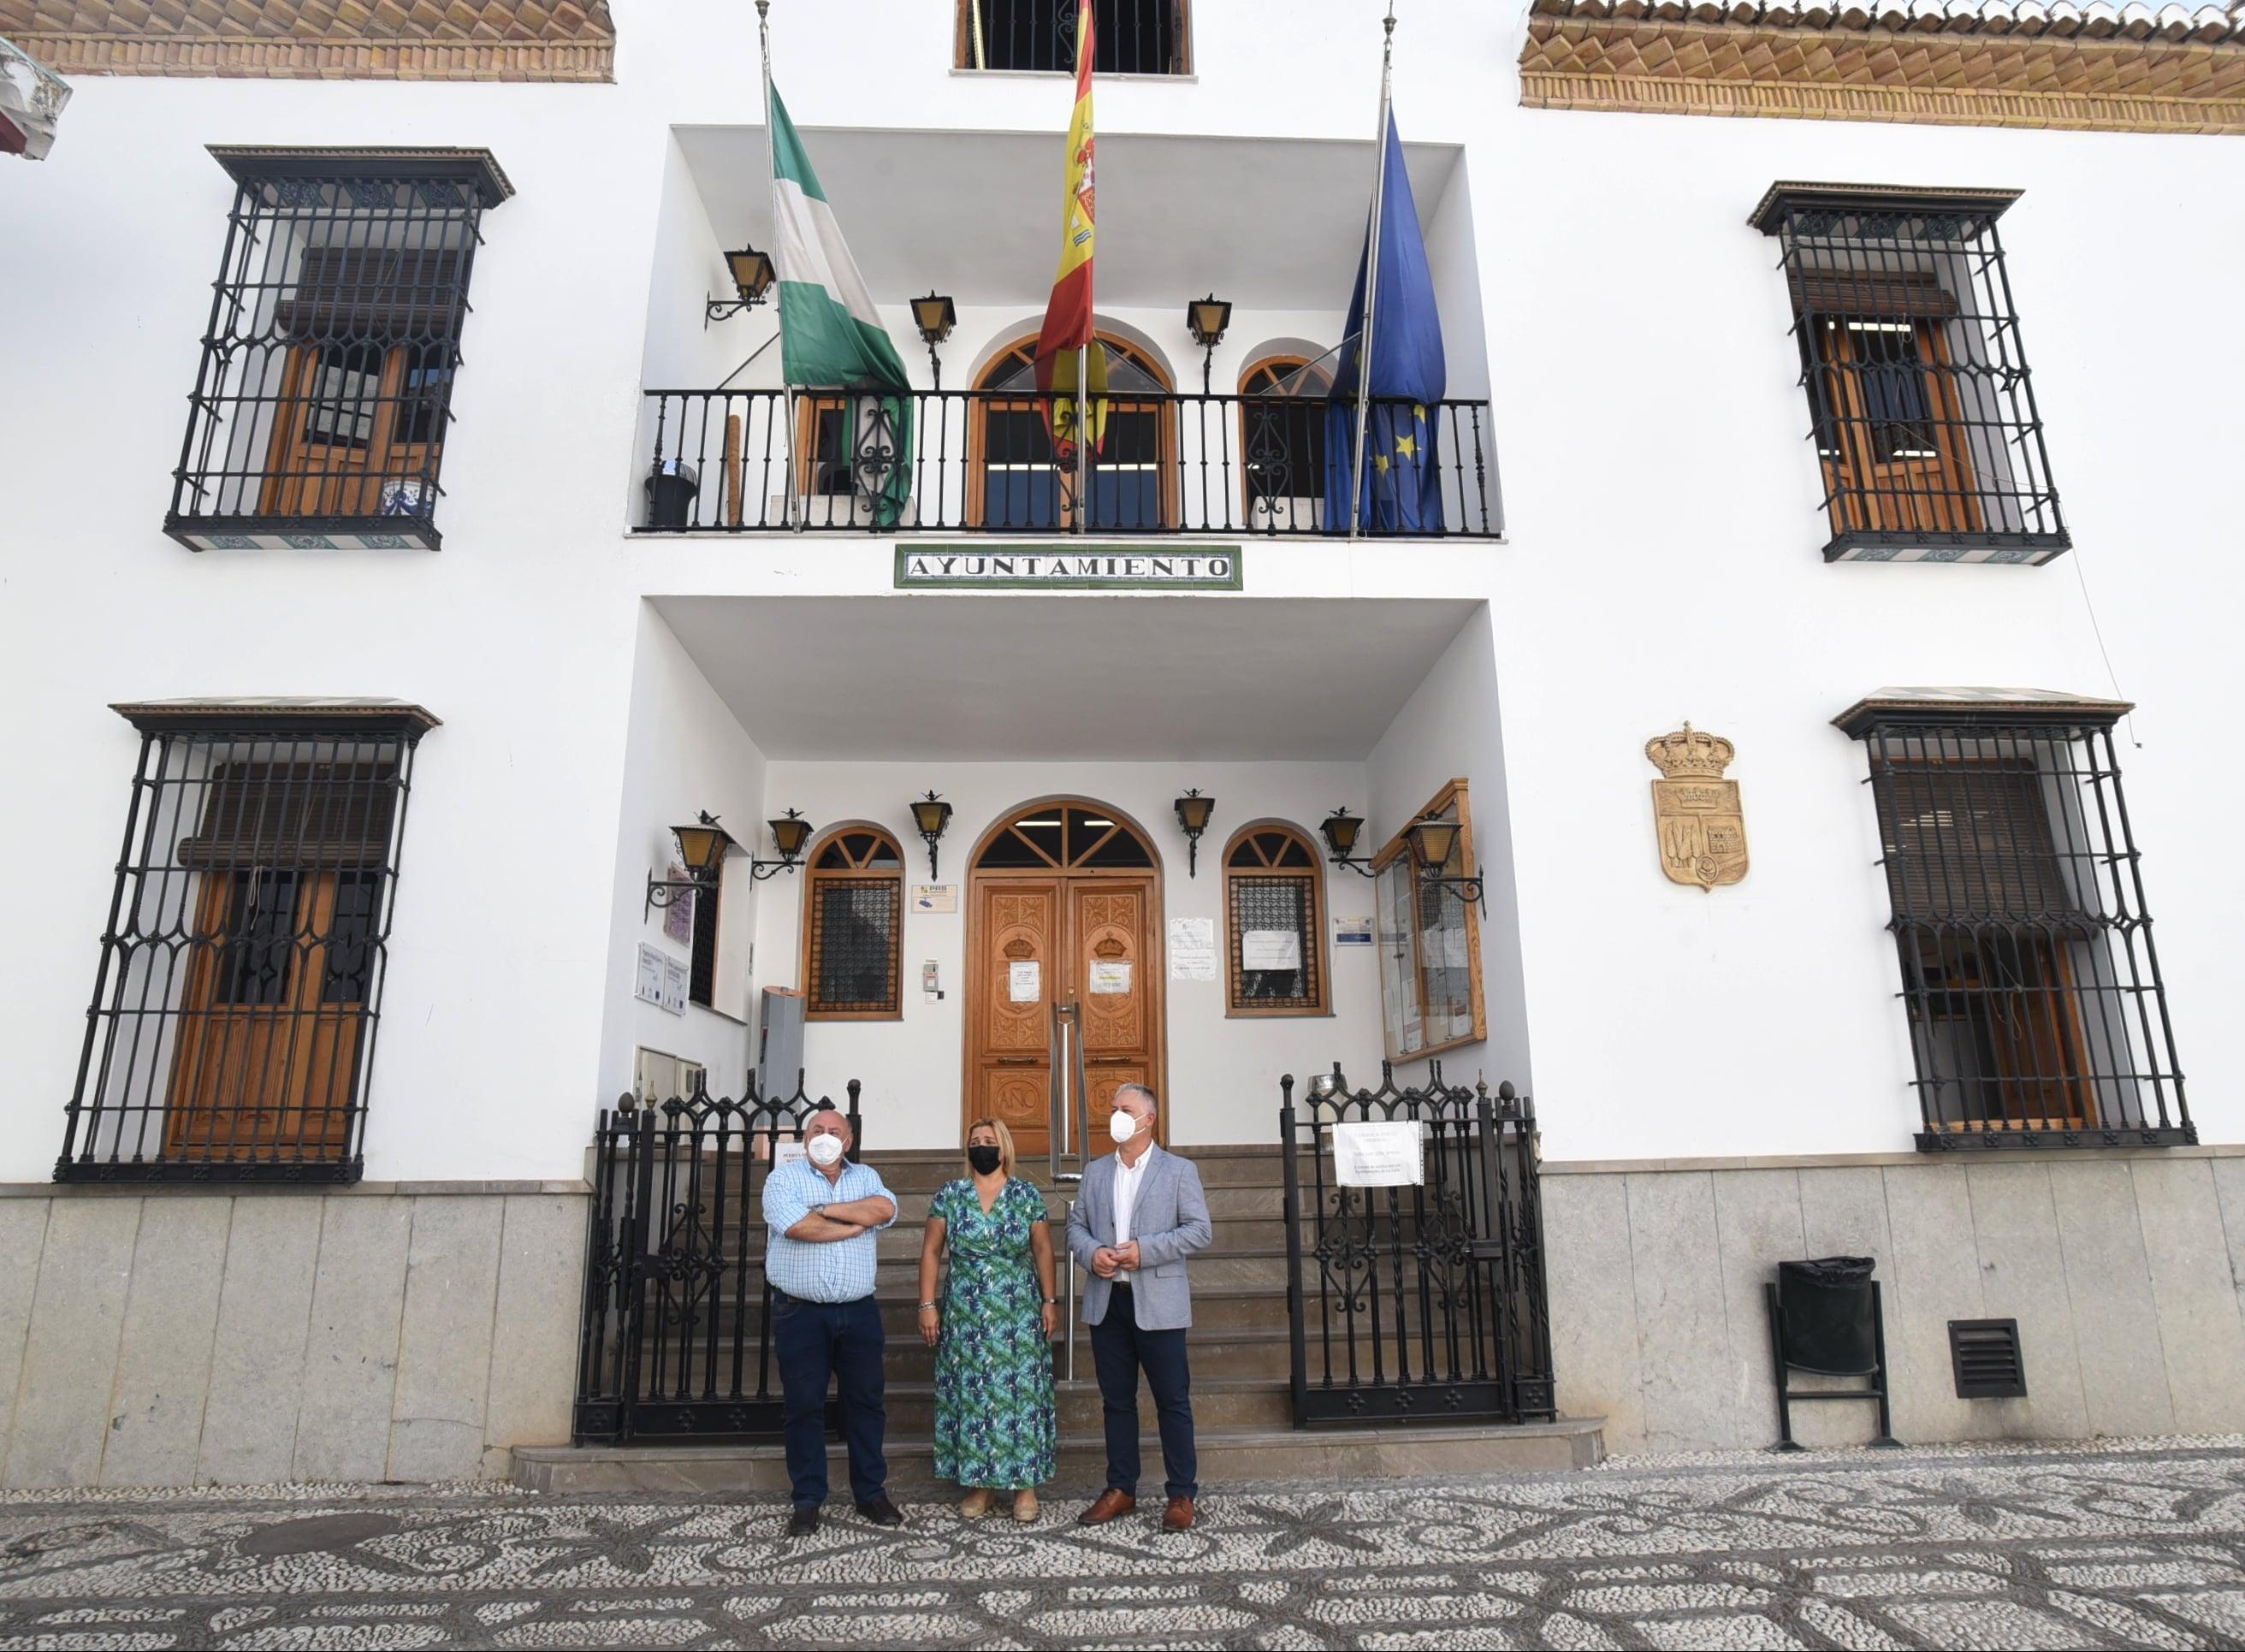 Diputación actúa en La Zubia invirtiendo 1,5 millones para la mejora de servicios e infraestructuras